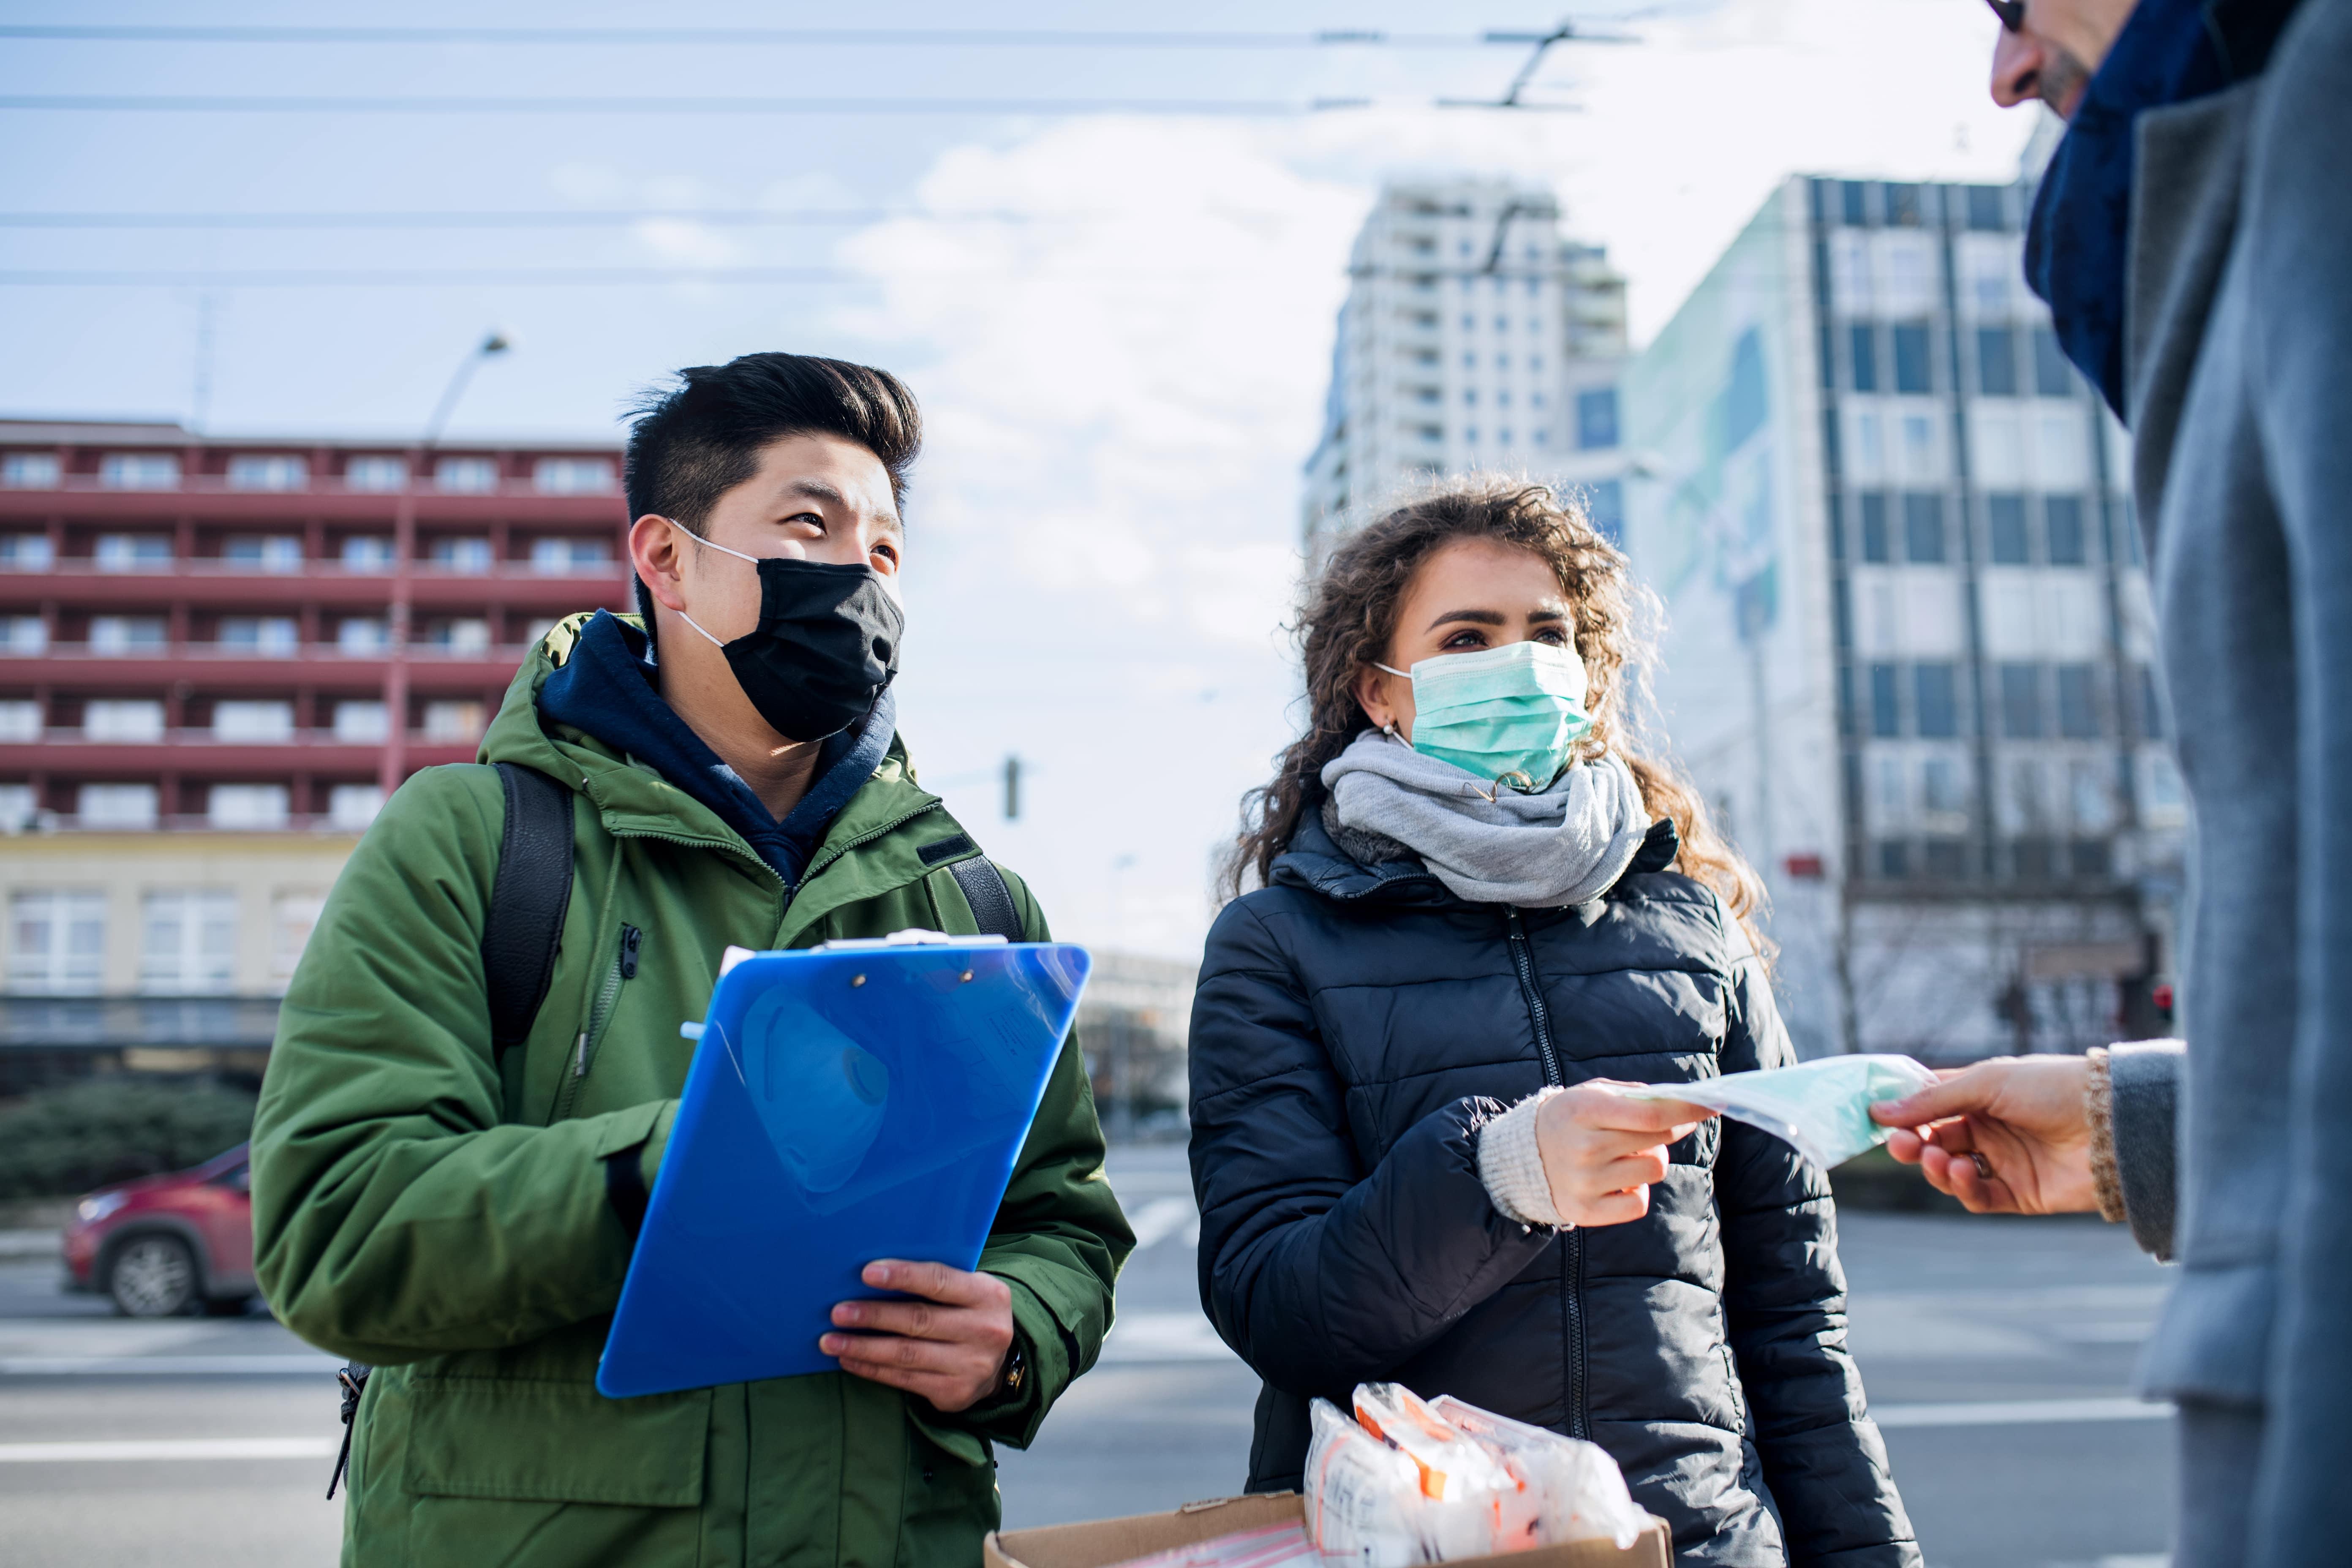 Passanten tragen eine Mund-Nasen-Bedeckung zur Prävention einer Corona-Infektion im öffentlichen Raum